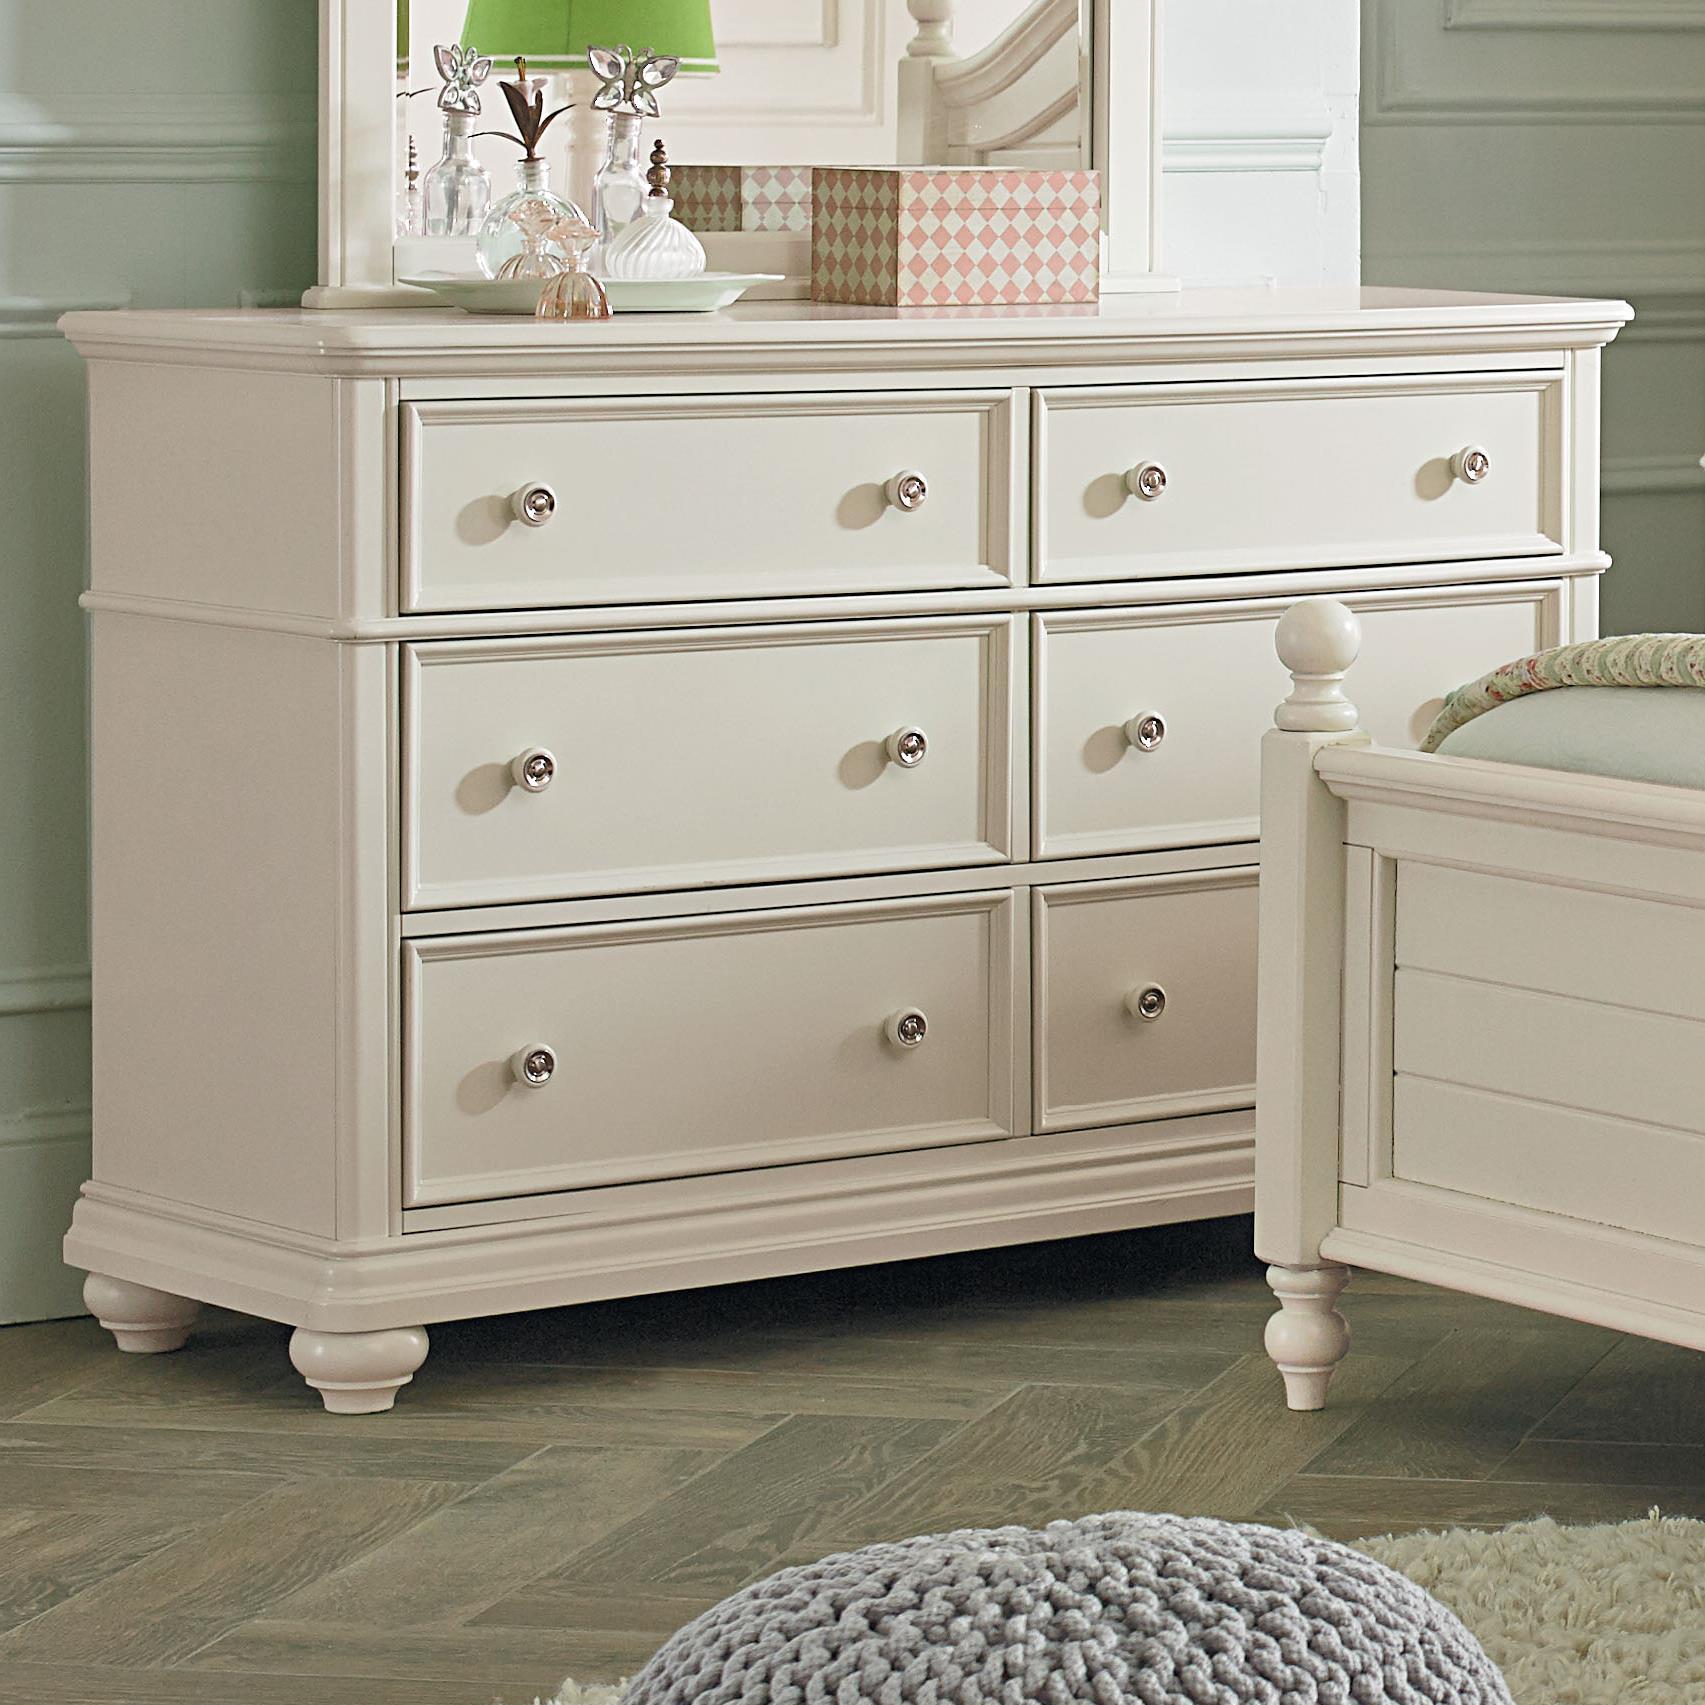 Standard Furniture Camellia Marshmallow Cottage Dresser                  - Item Number: 95209